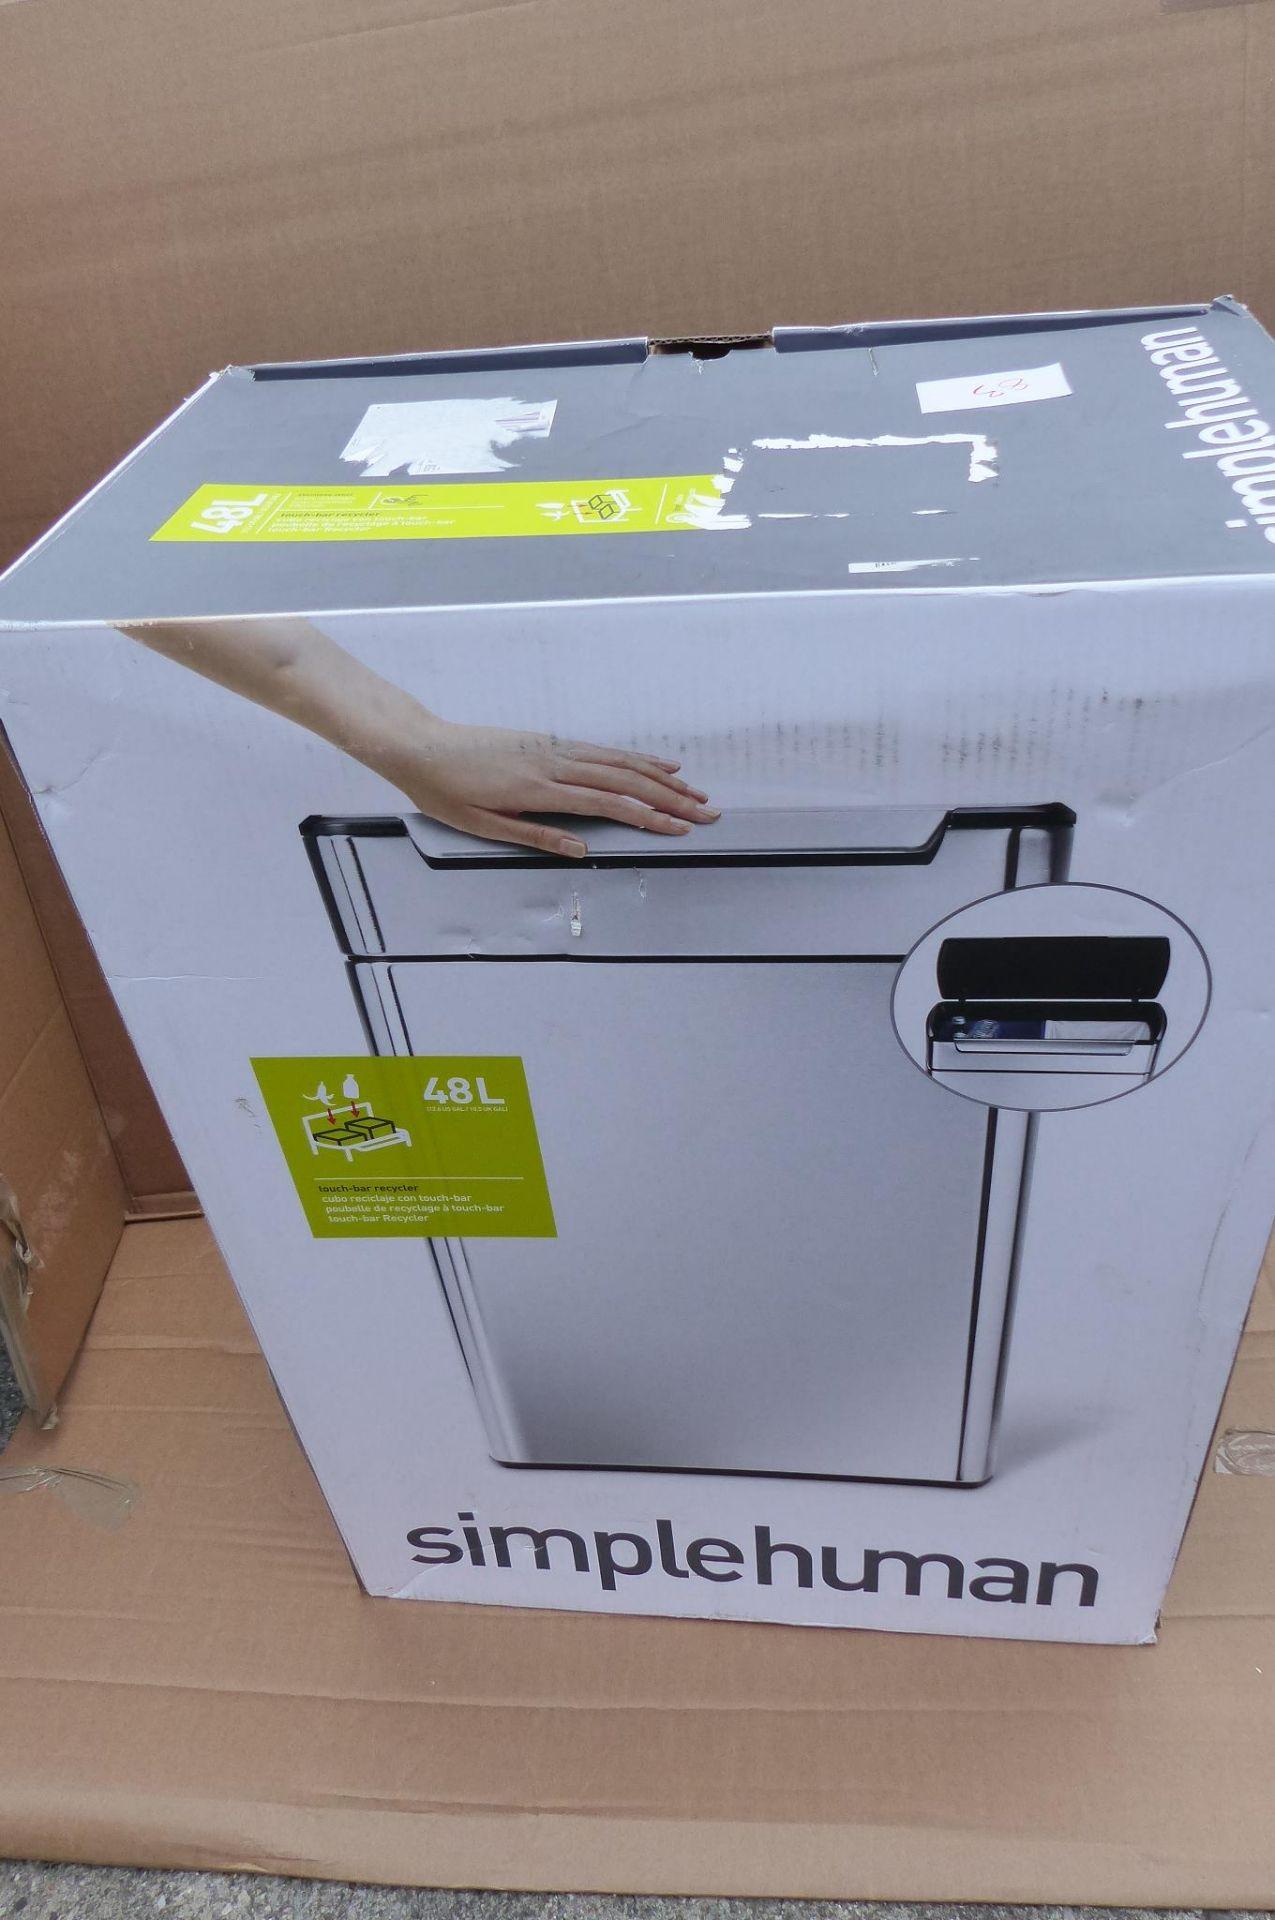 Simplehuman Recycling bin